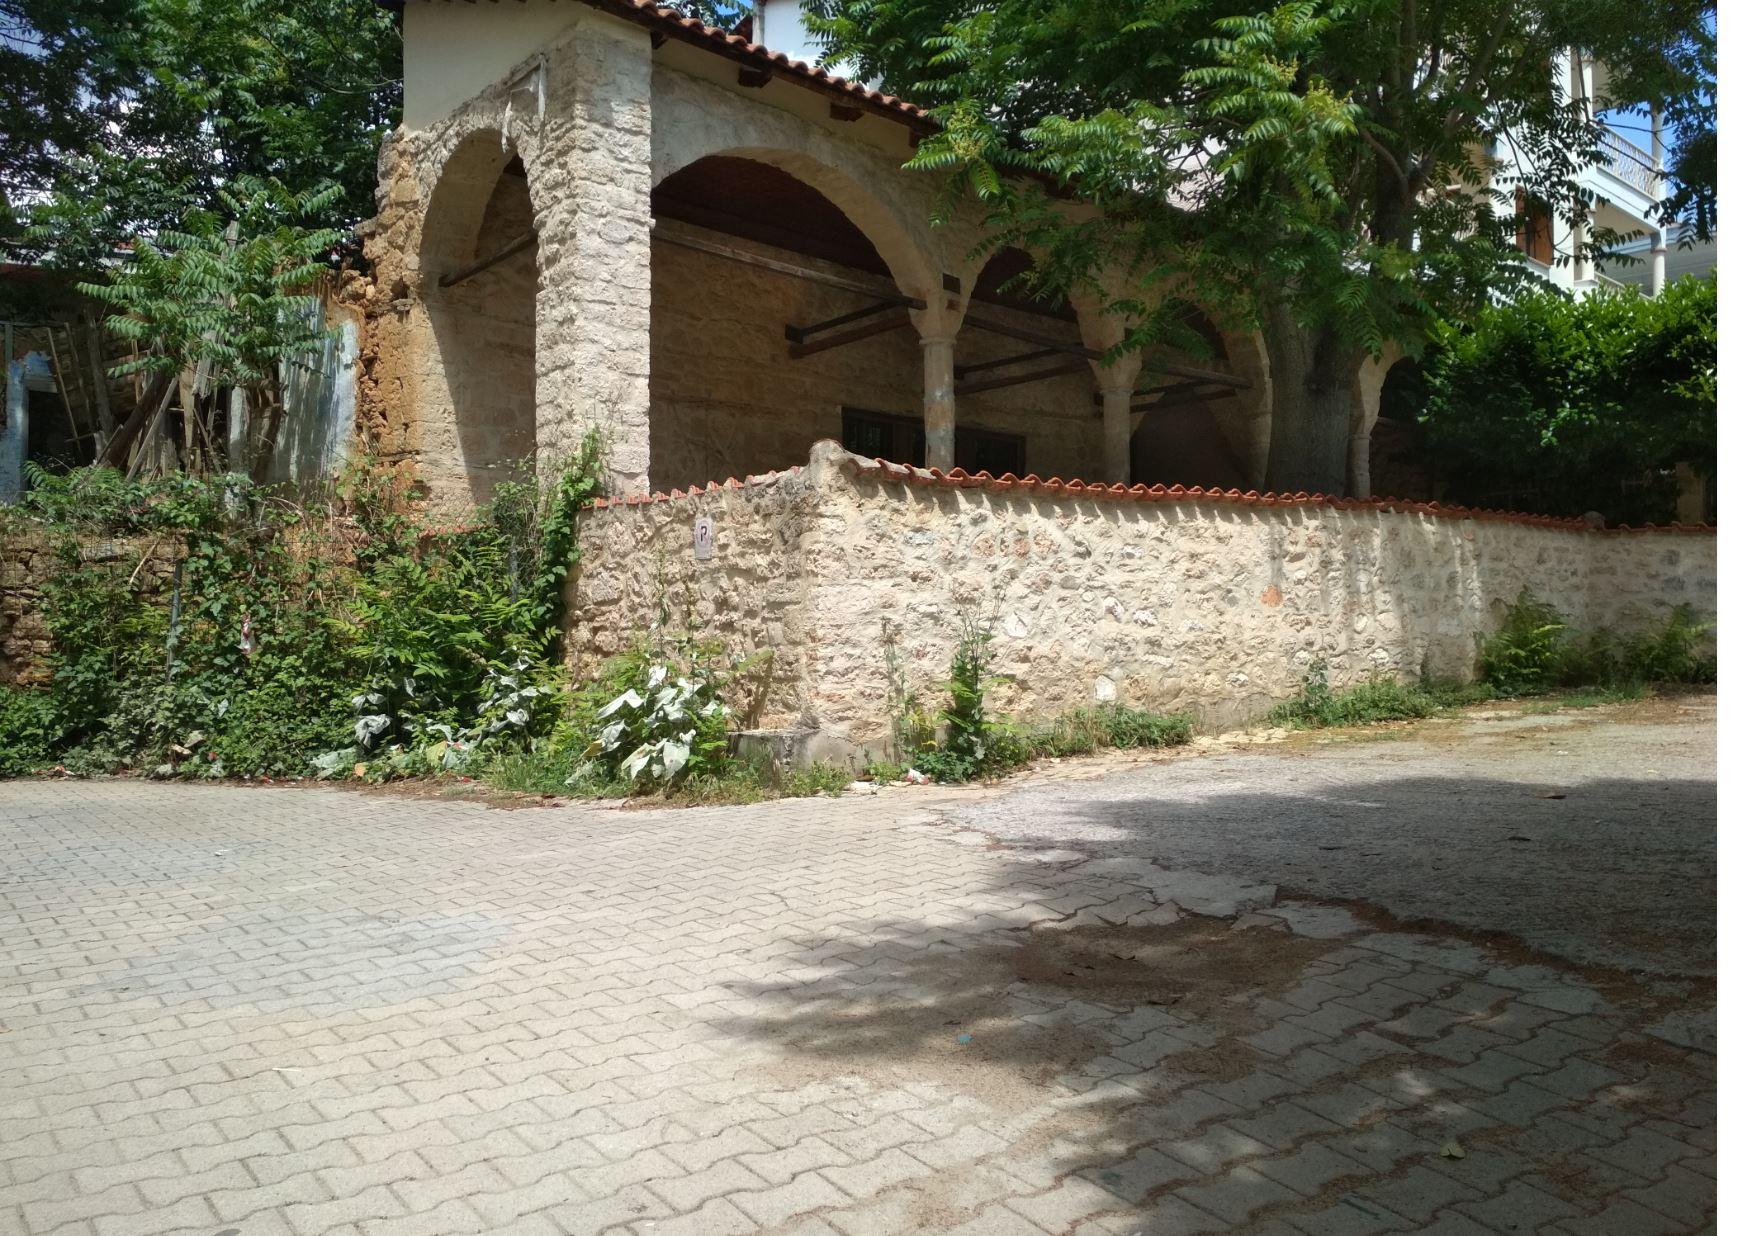 Σχόλιο αναγνώστη στο kozan.gr: Πρωινή εικόνα με το Μουσείο Σύγχρονης Ιστορίας της Κοζάνης – Παραμελημένο κι όχι στην καλύτερη κατάσταση